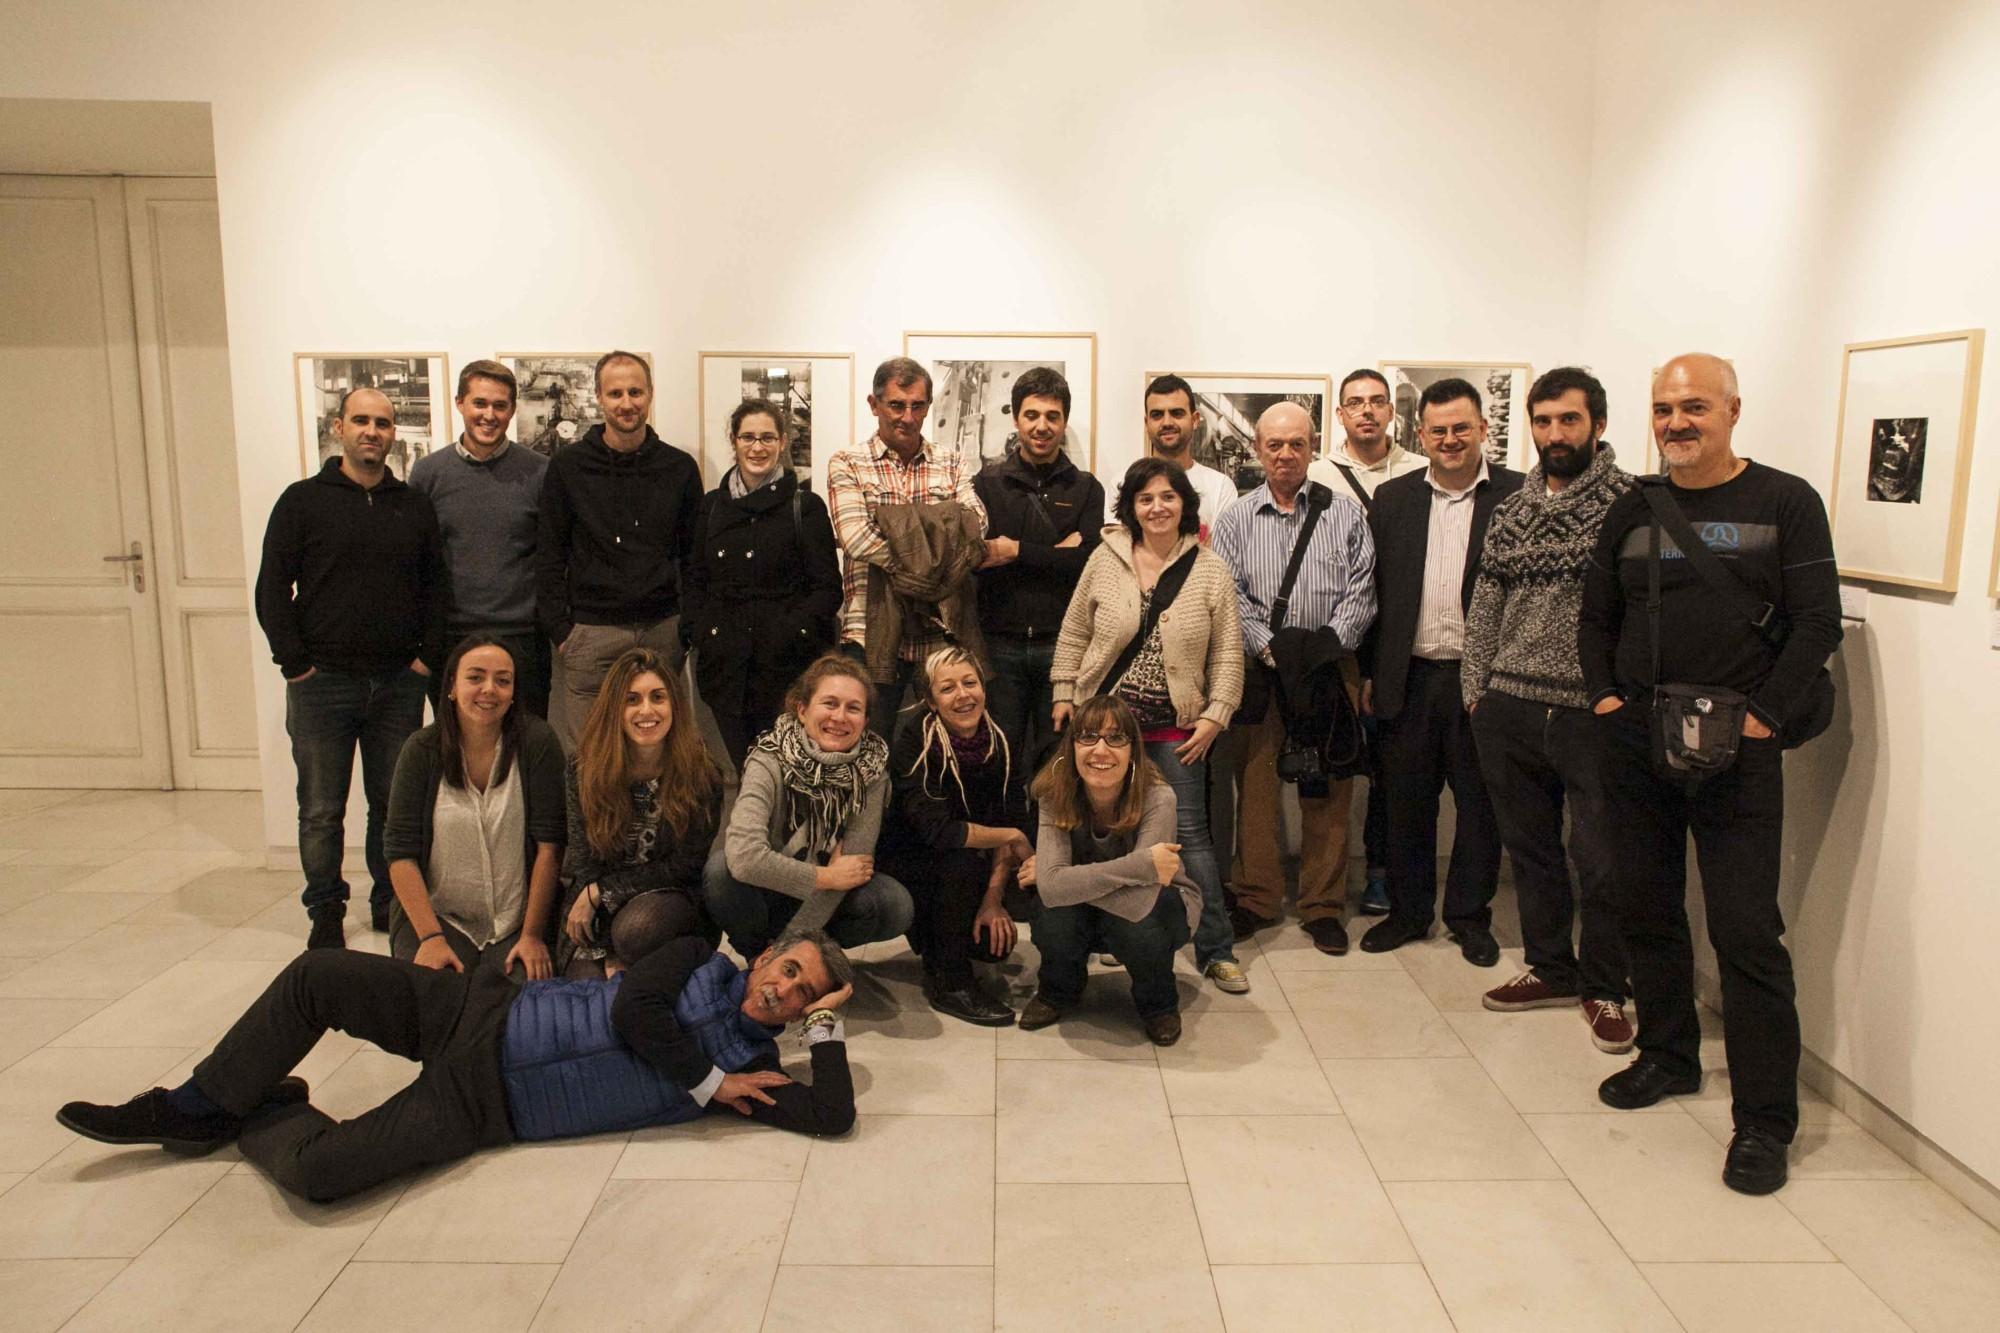 Visita del Curso Avanzado de Blackkamera al Photomuseum de Zarautz